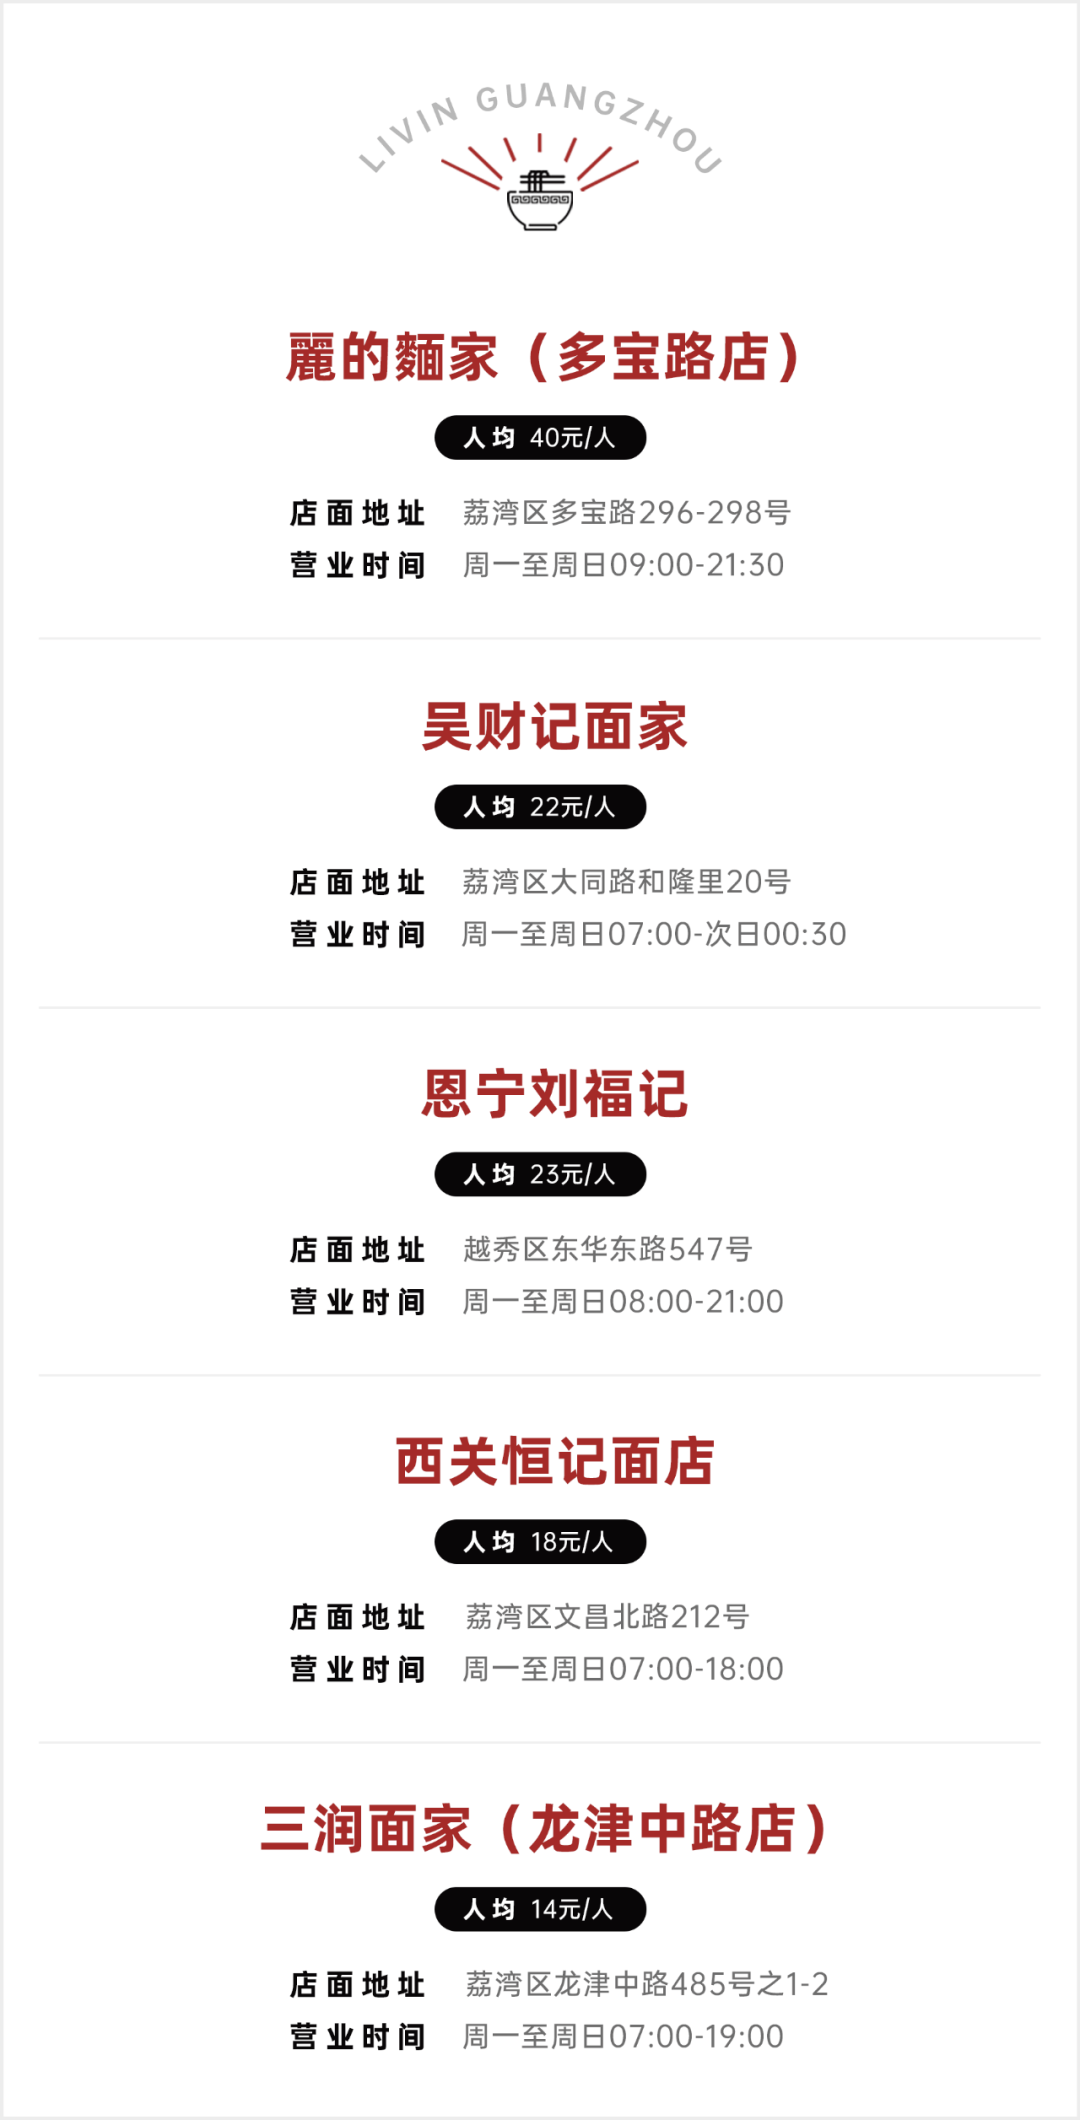 抢庄牛牛棋牌游戏官网